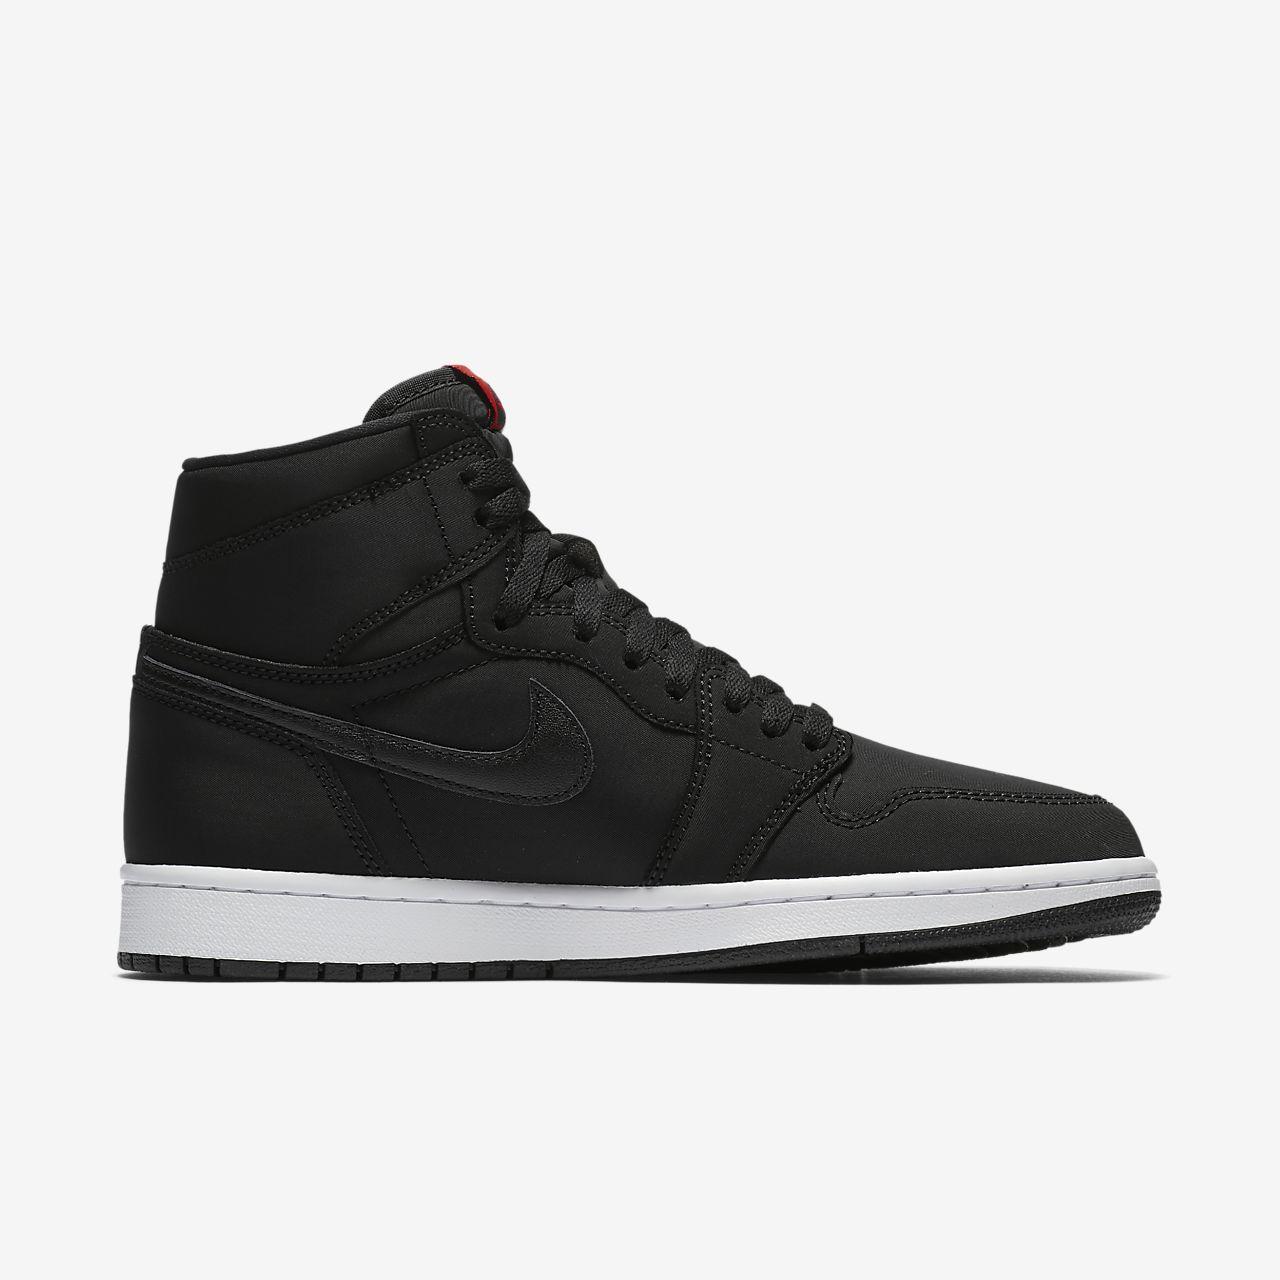 d5099066d25f5 Calzado para hombre Air Jordan 1 Retro High PSG. Nike.com MX